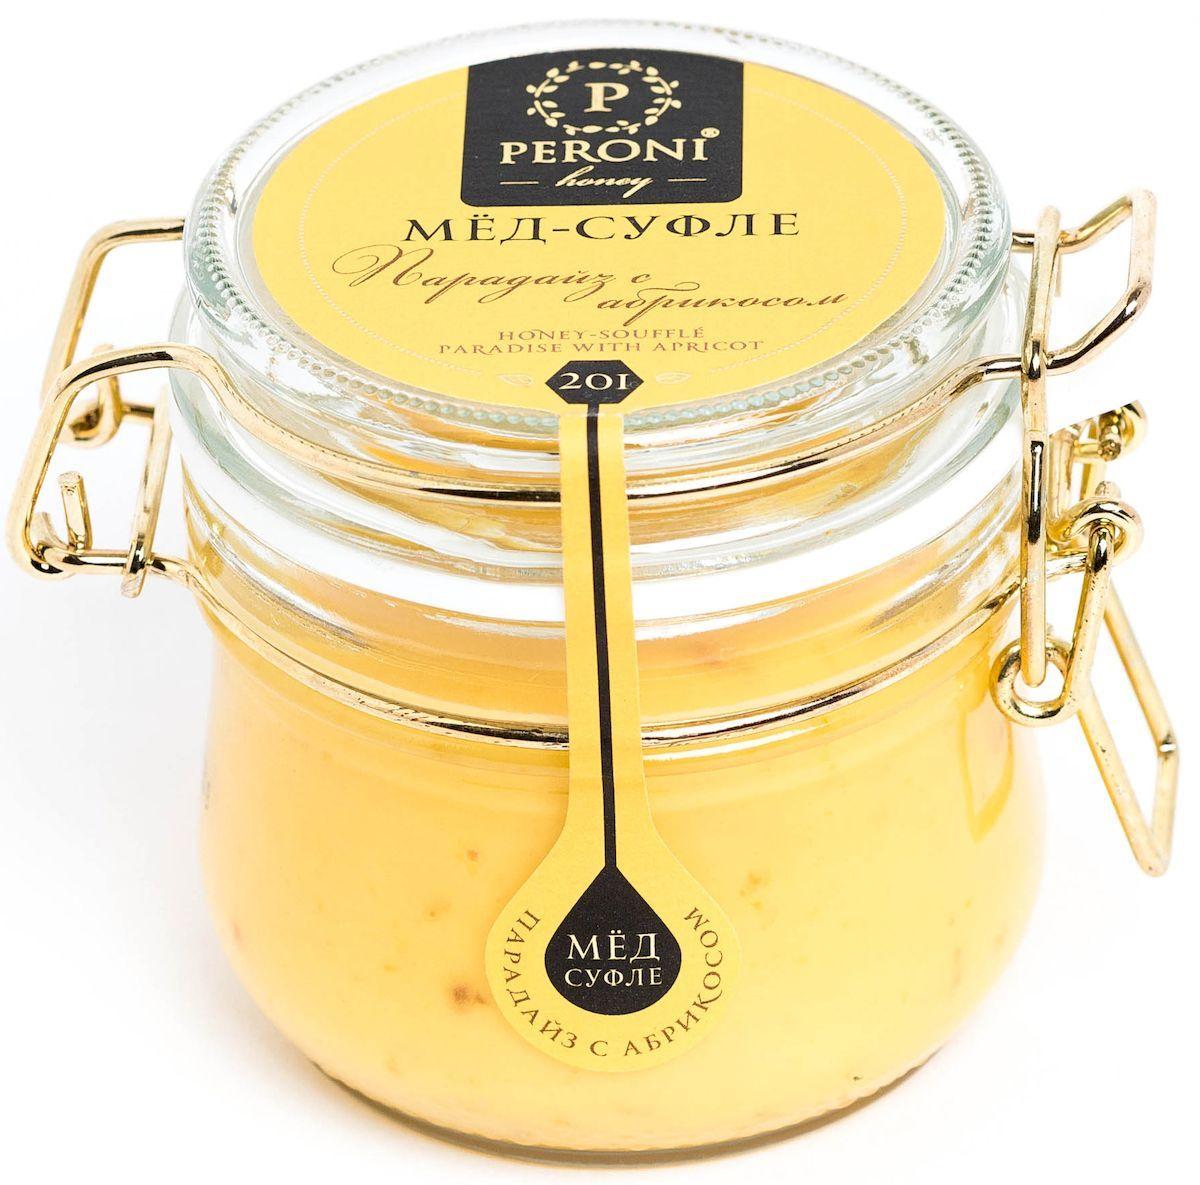 Peroni Парадайз с абрикосом мёд-суфле, 250 г201Мёд с сушеным абрикосом — не только вкуснейшая новинка в медовом мире, но и настоящий помощник здоровью и красоте. Мёд солнечного, молочно-абрикосового цвета. Аромат тонкий и выразительный, по характеру цветочно-сливочно-фруктовый. Основная нота принадлежит свежему абрикосу, фруктовому йогурту. В нежном медовом суфле встречаются маленькие кусочки кураги, которые создают абрикосовые акценты. Вкусовые характеристики мёда и абрикоса проявляются комплексно, они близки и идеально дополняют друг друга, создавая гармонию. Вкус мёда чрезвычайно динамичен: сливочная атака сменяется интенсивной цветочно-фруктовой волной, оставляя в завершение пряно-абрикосовый акцент. В целом вкус мёда-суфле освежающий и бодрящий. Обволакивающая сладость мёда уравновешивается бодрящей фруктовой свежестью. Создается ощущение легкости и прохлады. Для получения мёда-суфле используются специальные технологии. Мёд долго вымешивается при определенной скорости, после чего его...